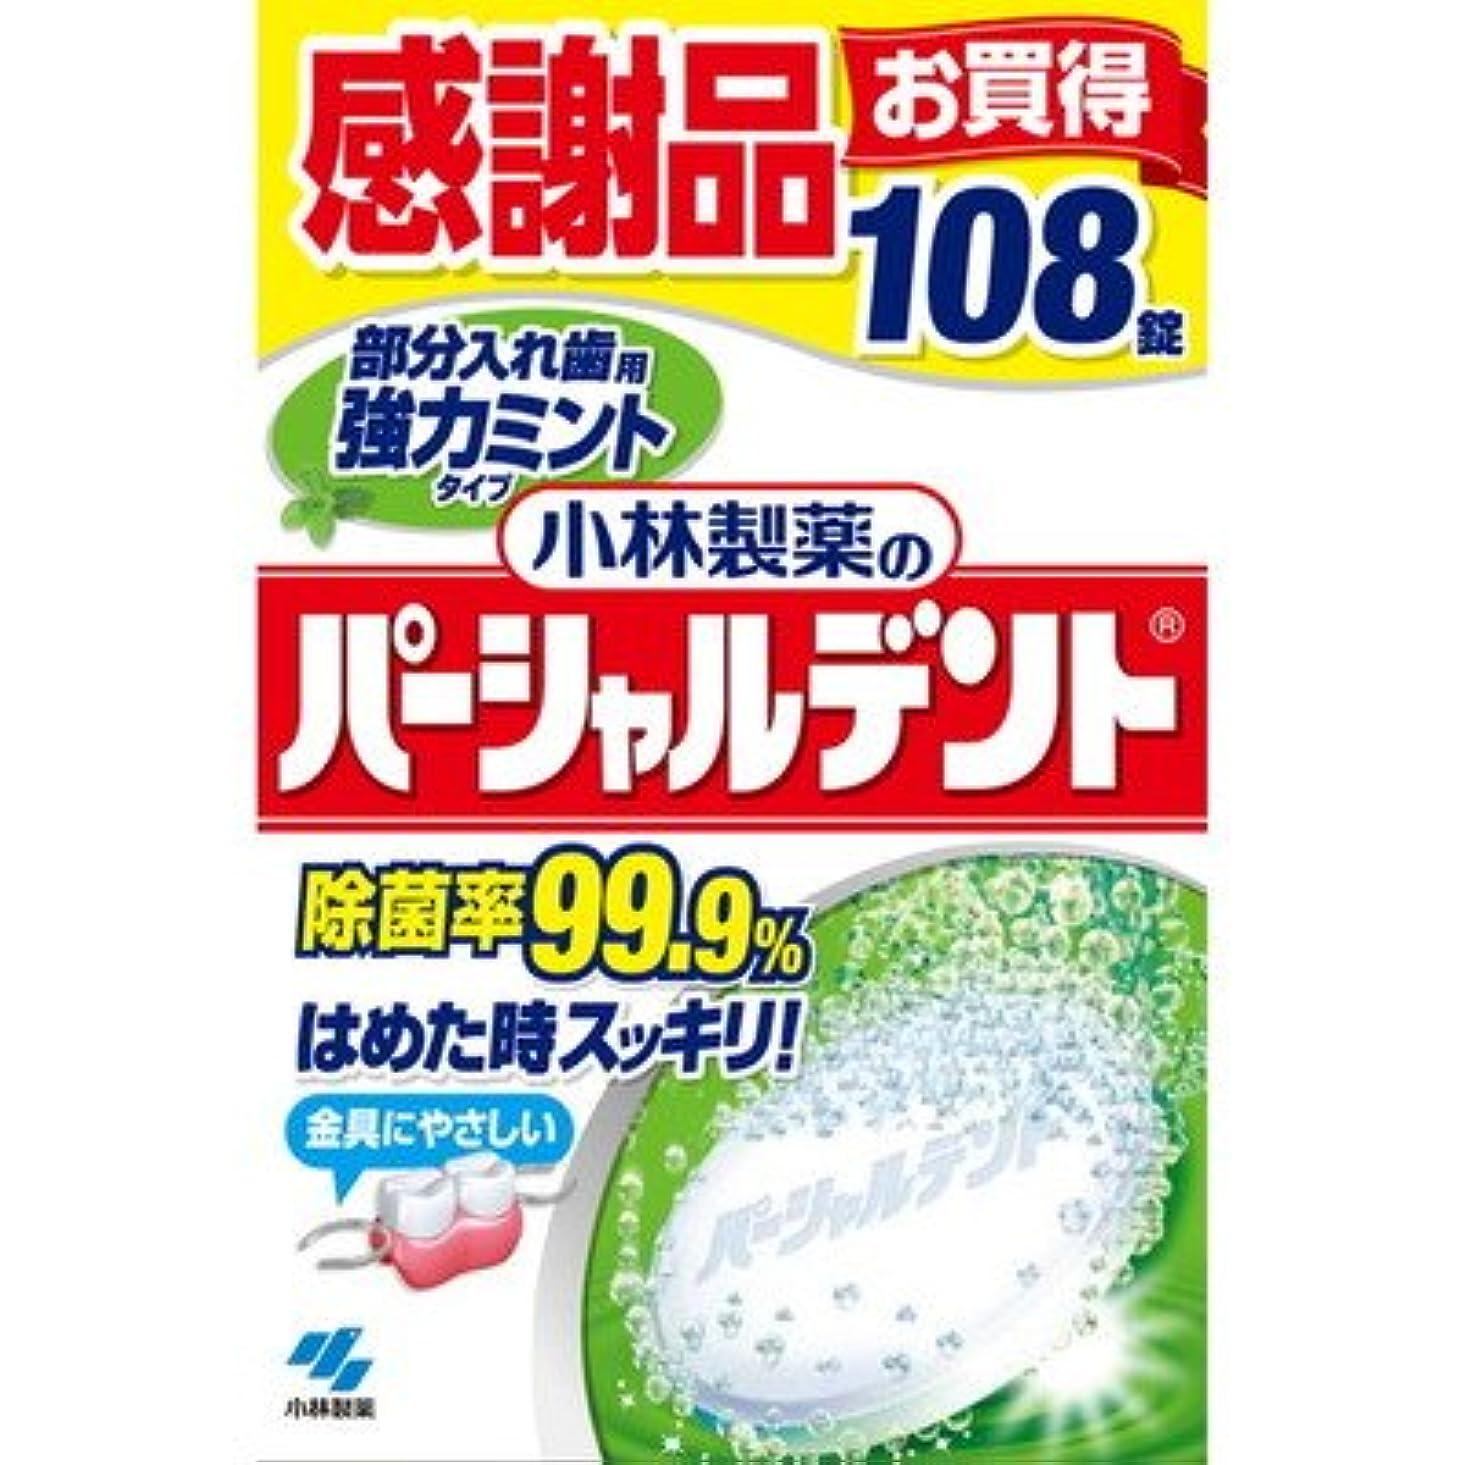 鼻憎しみコミット小林製薬 パーシャルデント強力ミント 感謝品 108錠【3個セット】